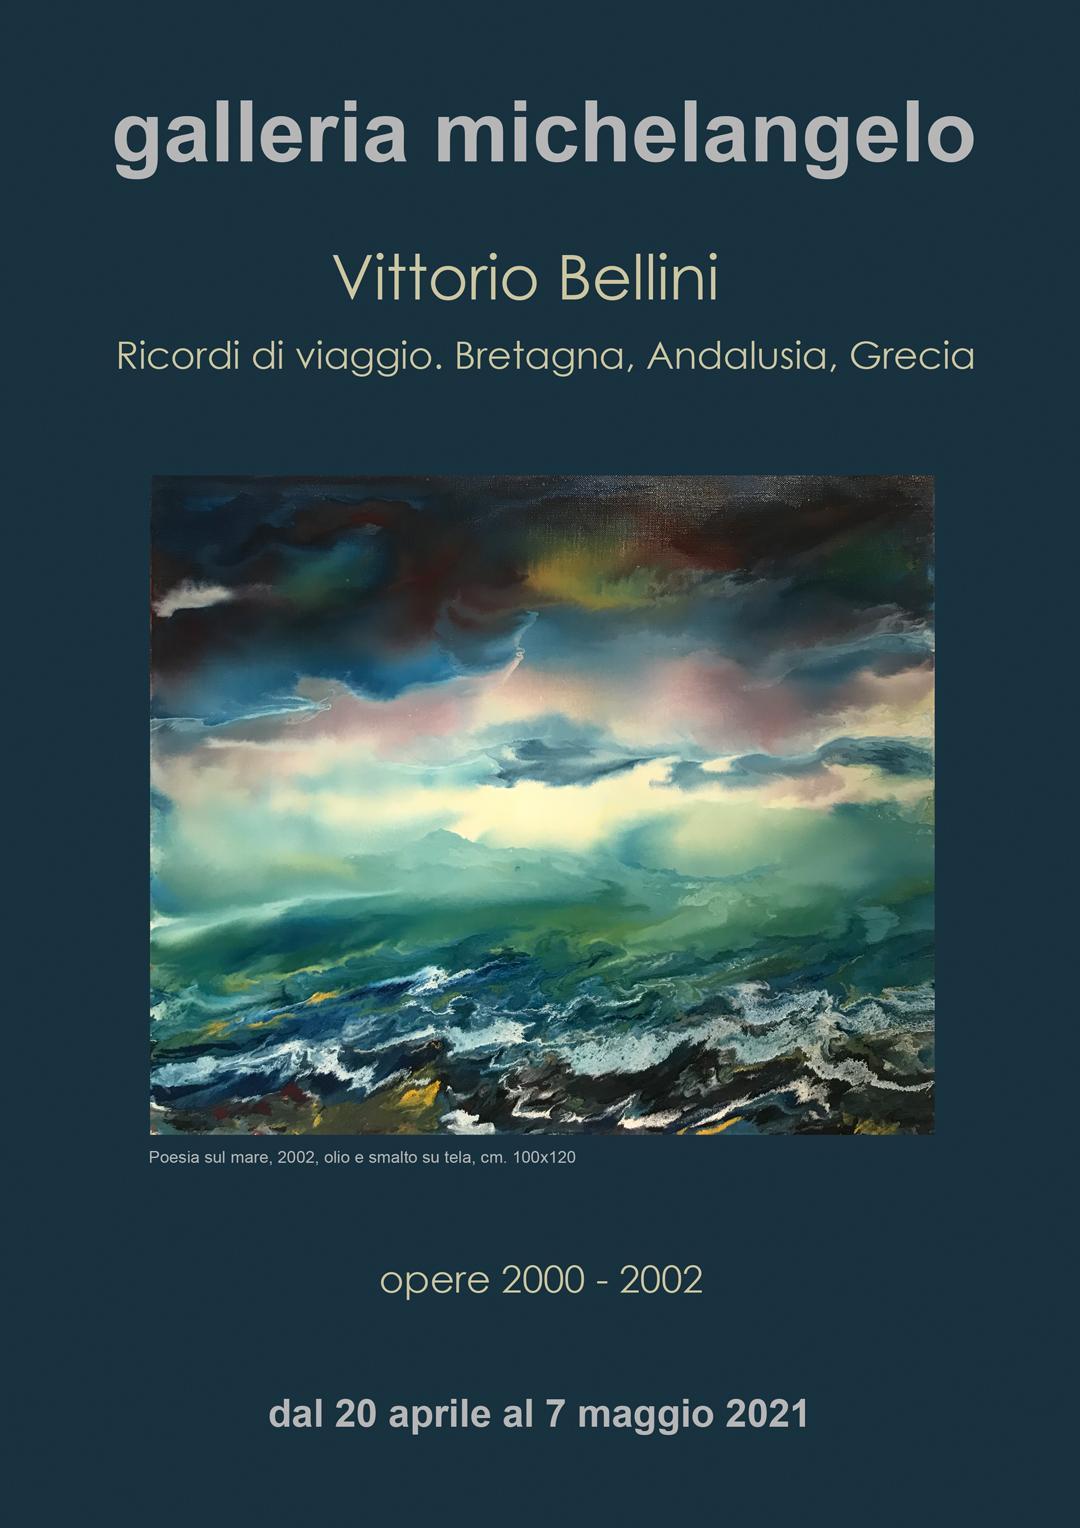 Vittorio Bellini - Ricordi di viaggio: Bretagna, Andalusia, Grecia. Opere 2000-2002